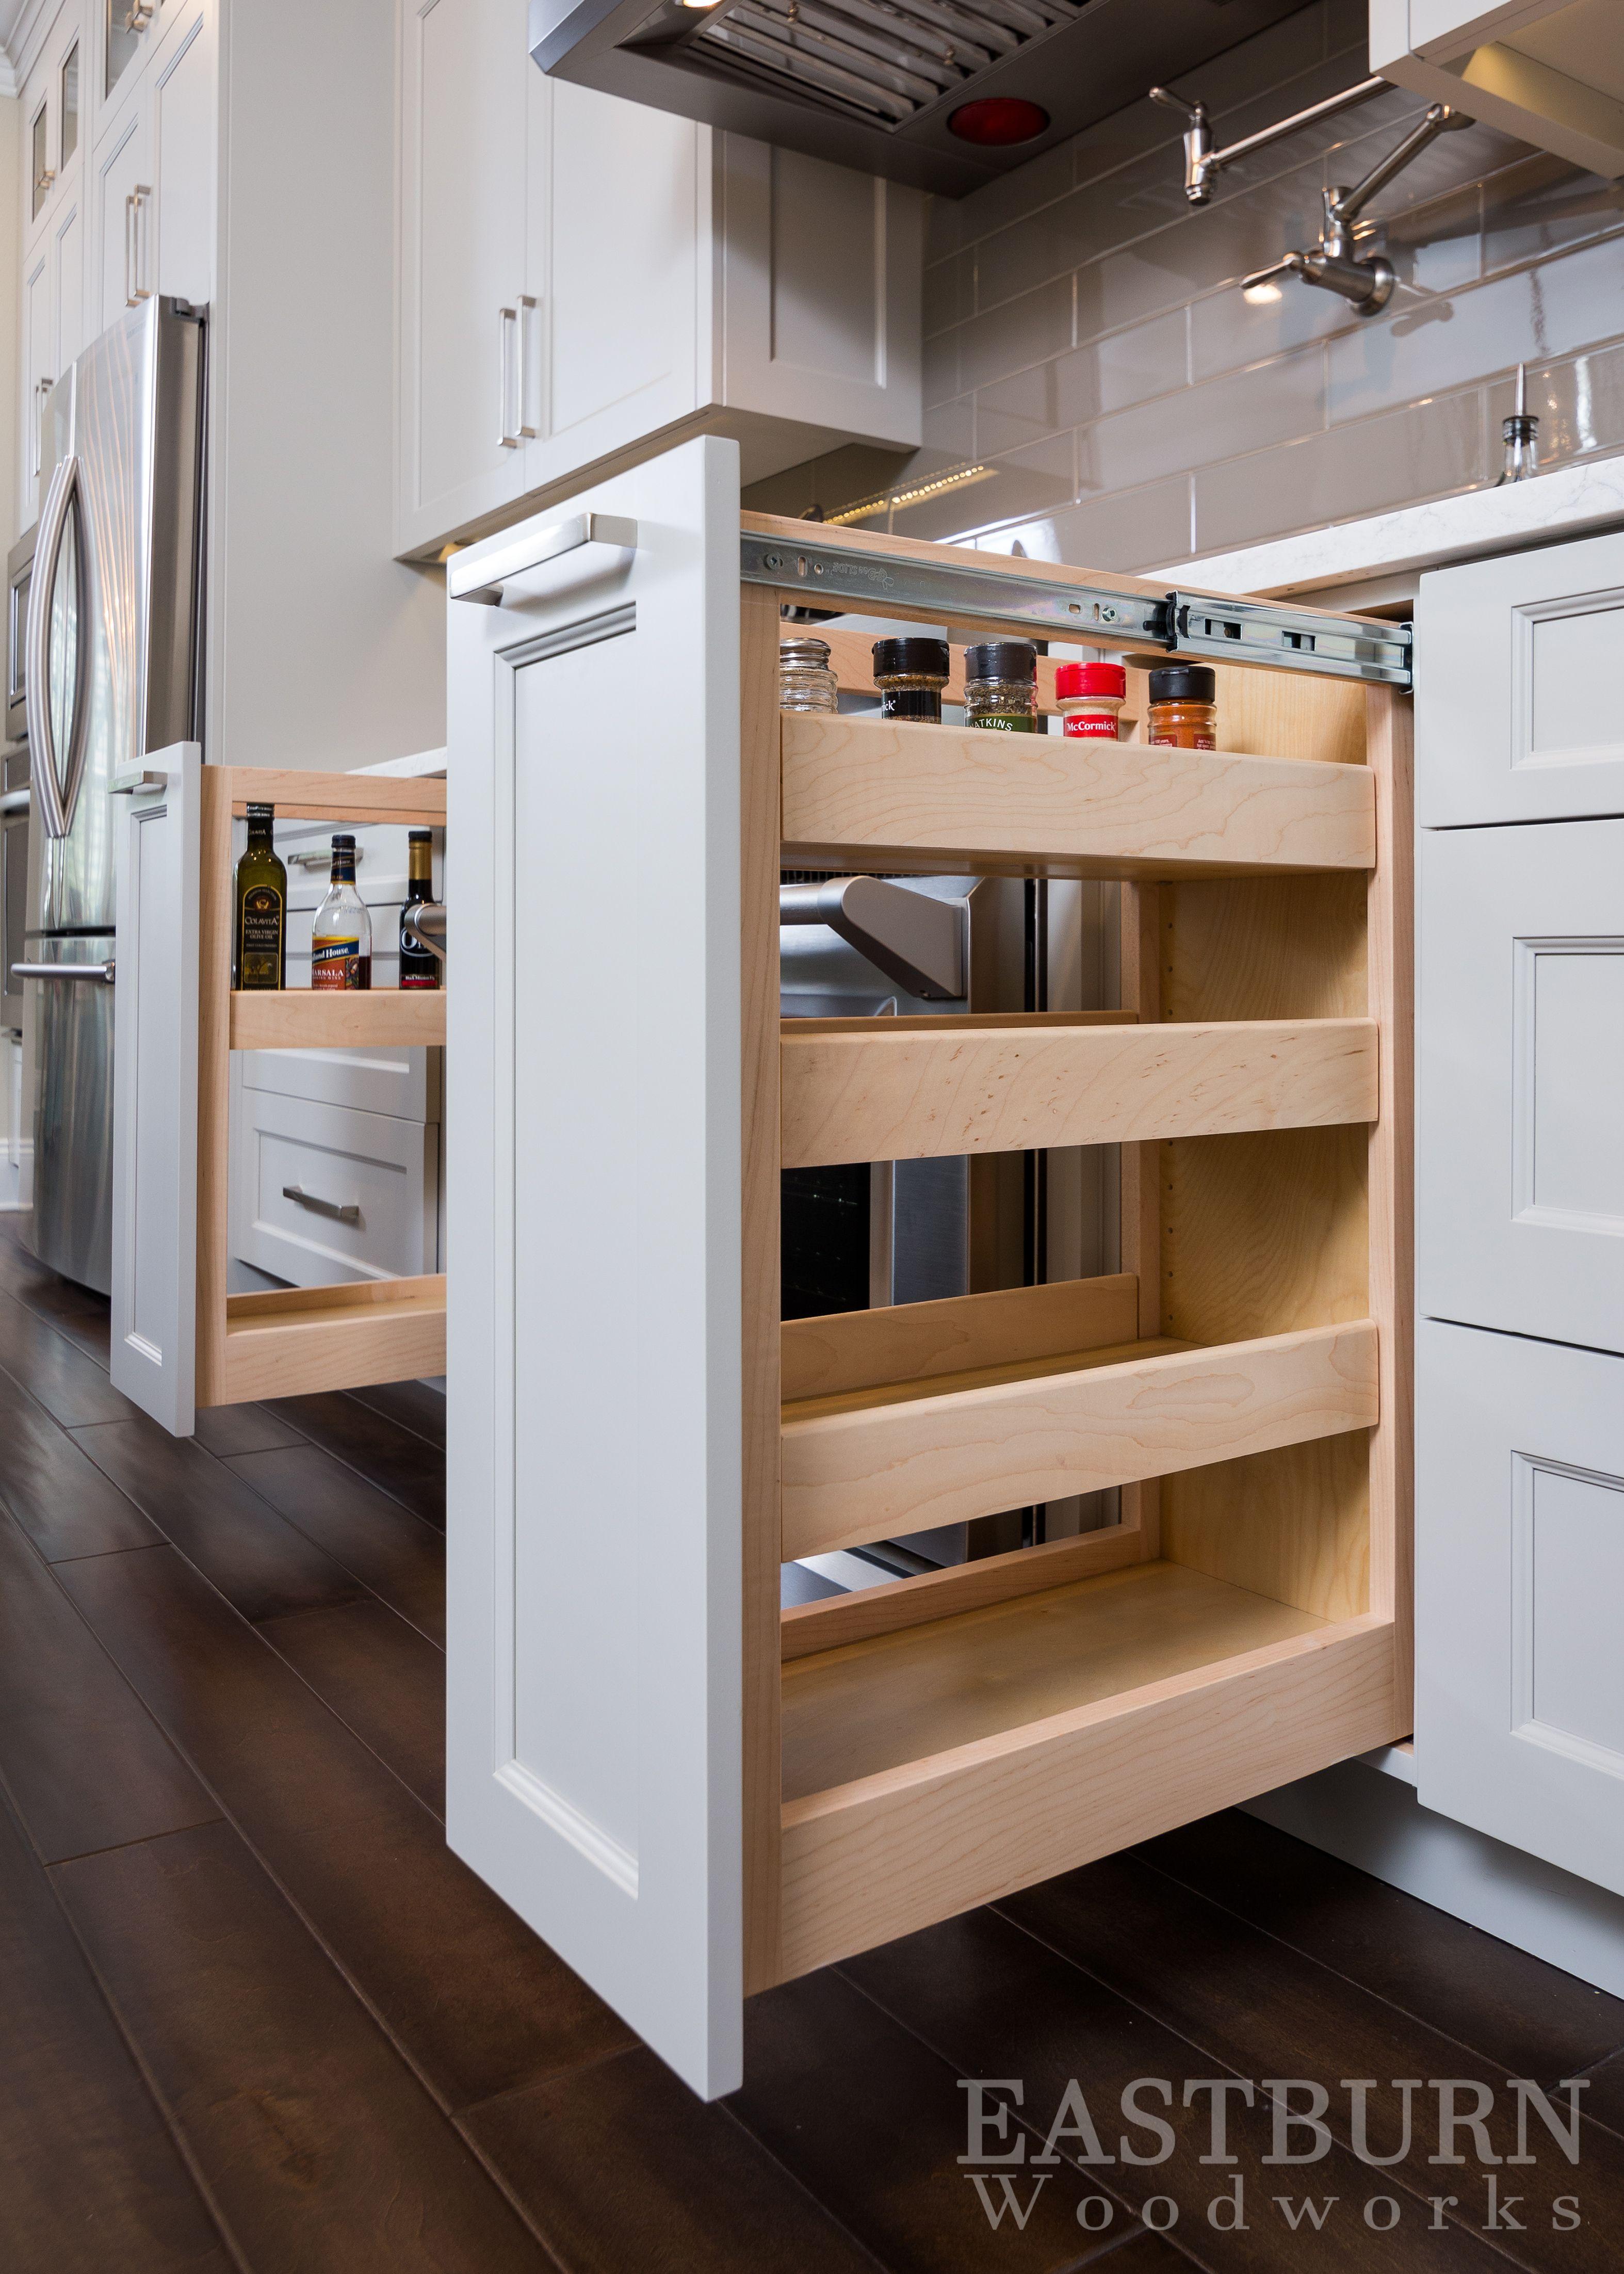 Планировка и дизайн узкой кухни: идеи кухонного интерьера